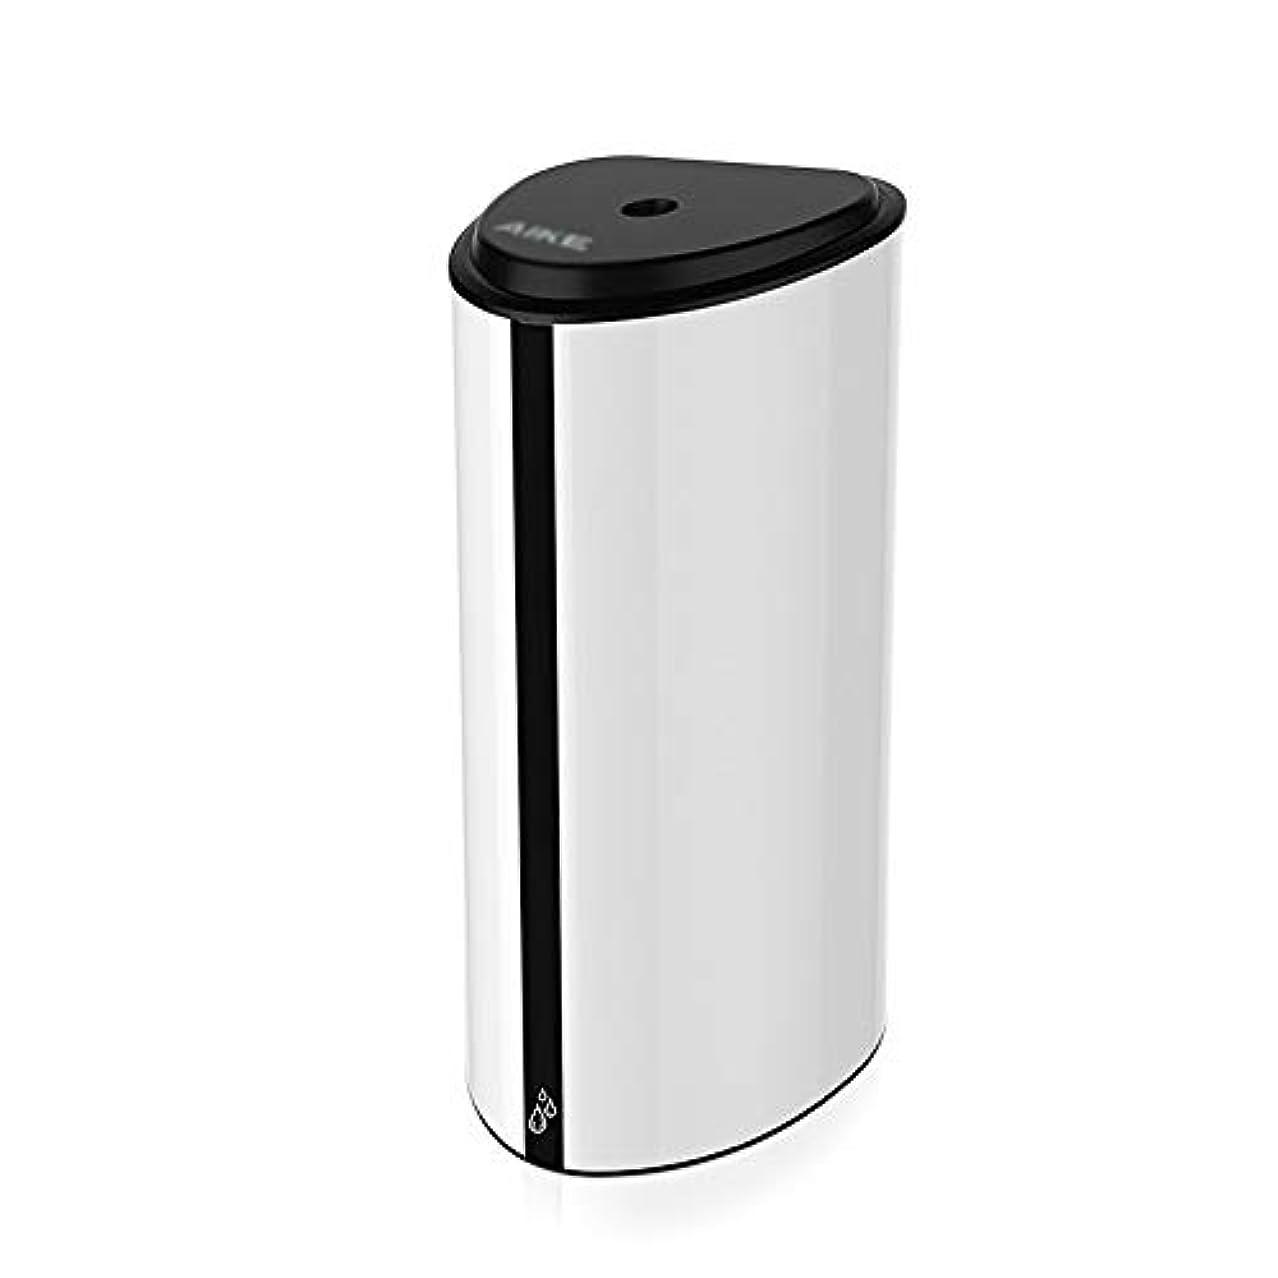 こんにちはアウトドア弾丸ソープディスペンサー 800ミリリットル容量の自動ソープディスペンサーは、タッチレスバッテリーは、ハンズフリーソープディスペンサーを運営しました ハンドソープ 食器用洗剤 キッチン 洗面所などに適用 (Color : White...